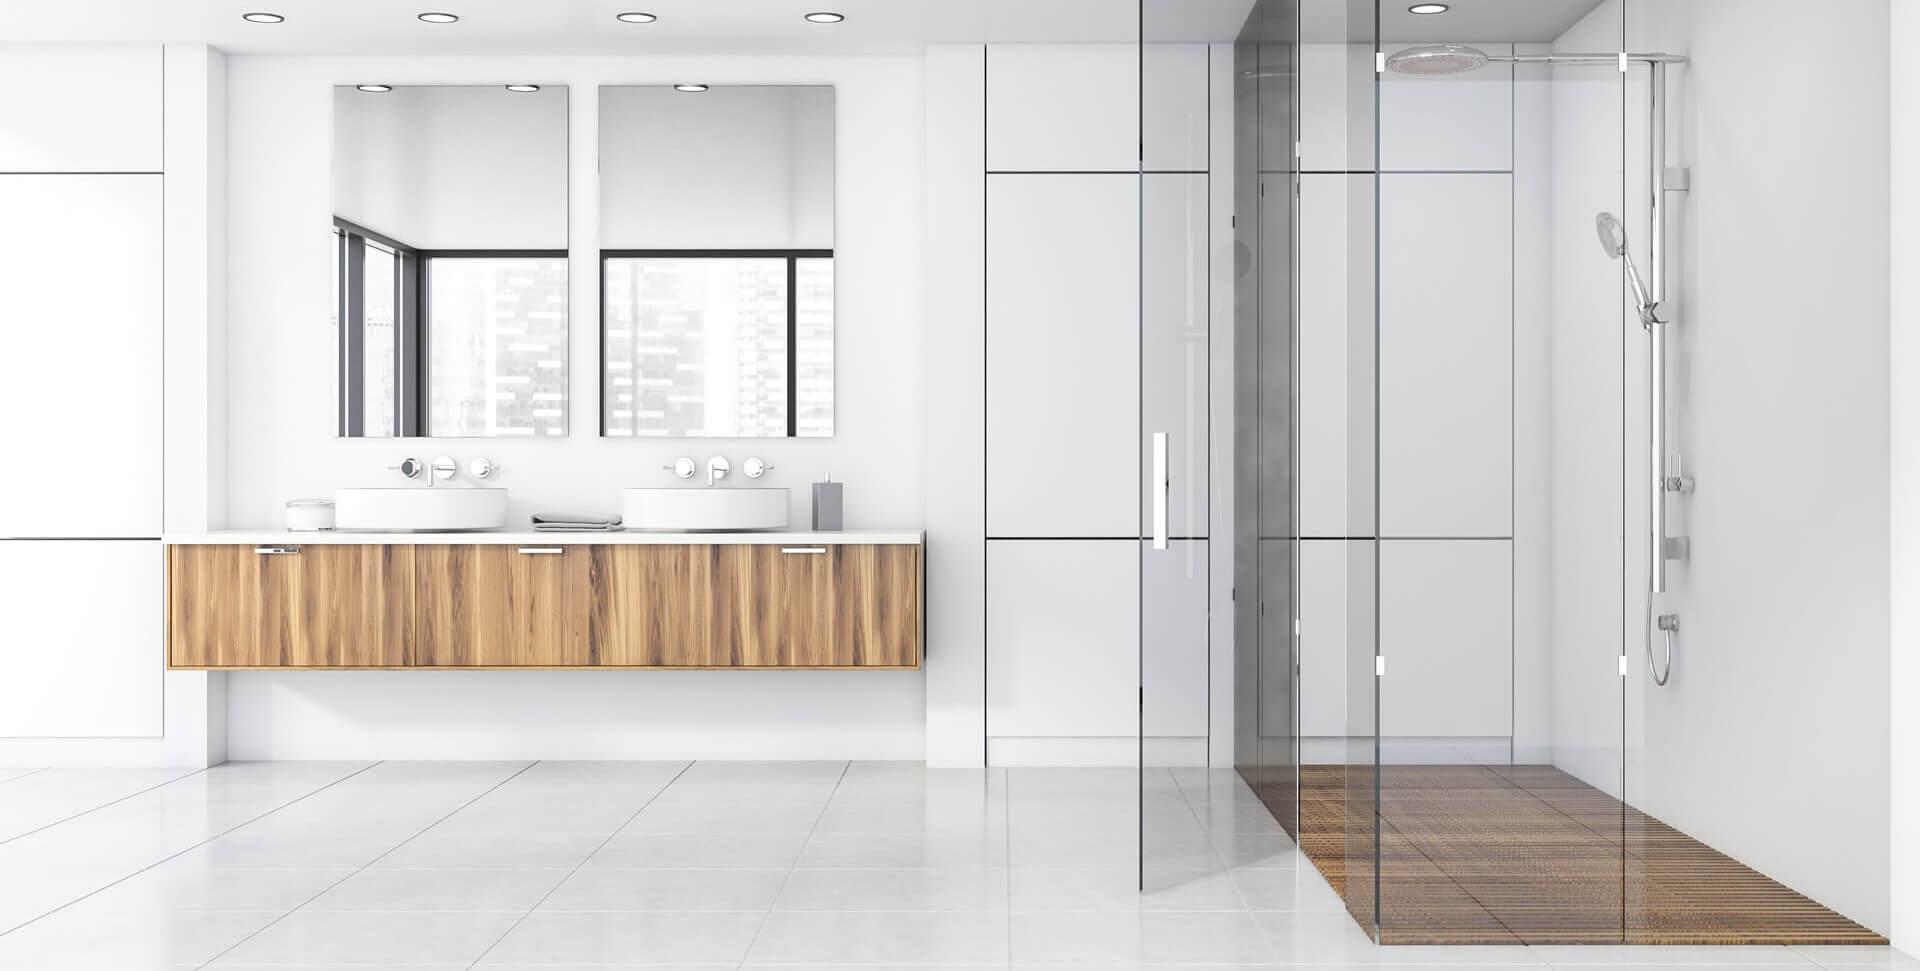 modernes_badezimmer_mit_weissen_fliesen_und_ebenerdiger_dusche_aus_Glas